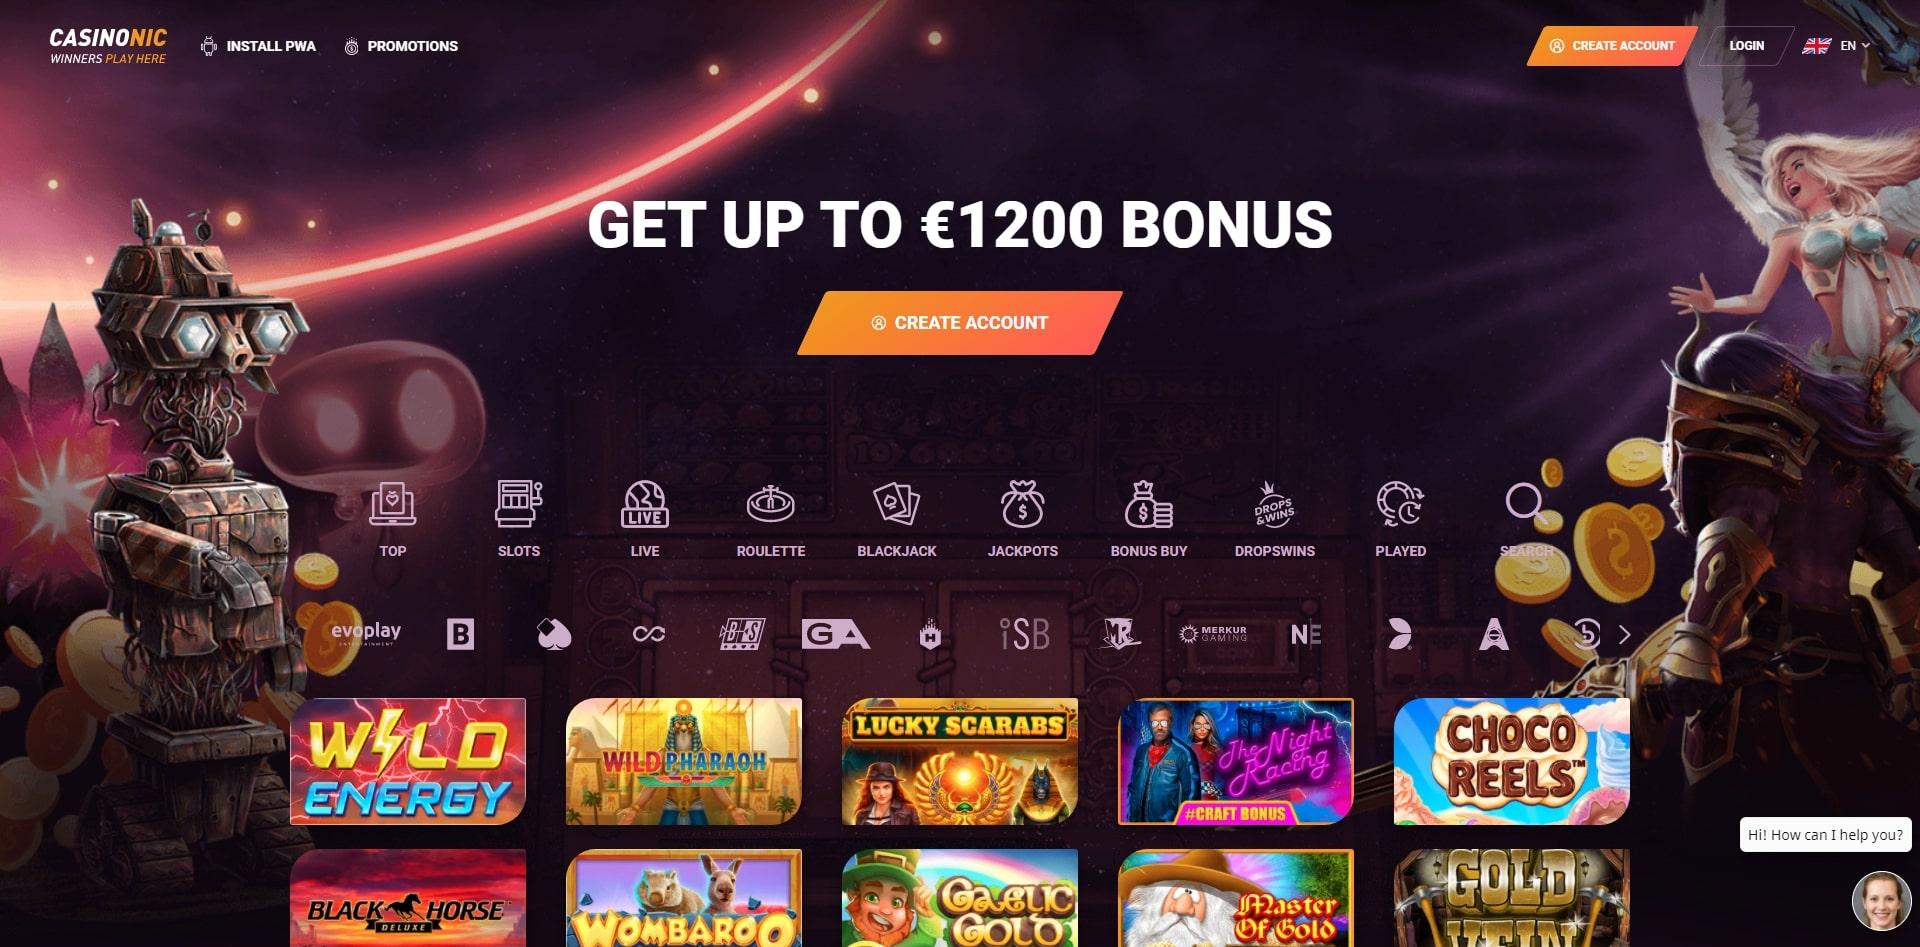 homepage casinonic casino